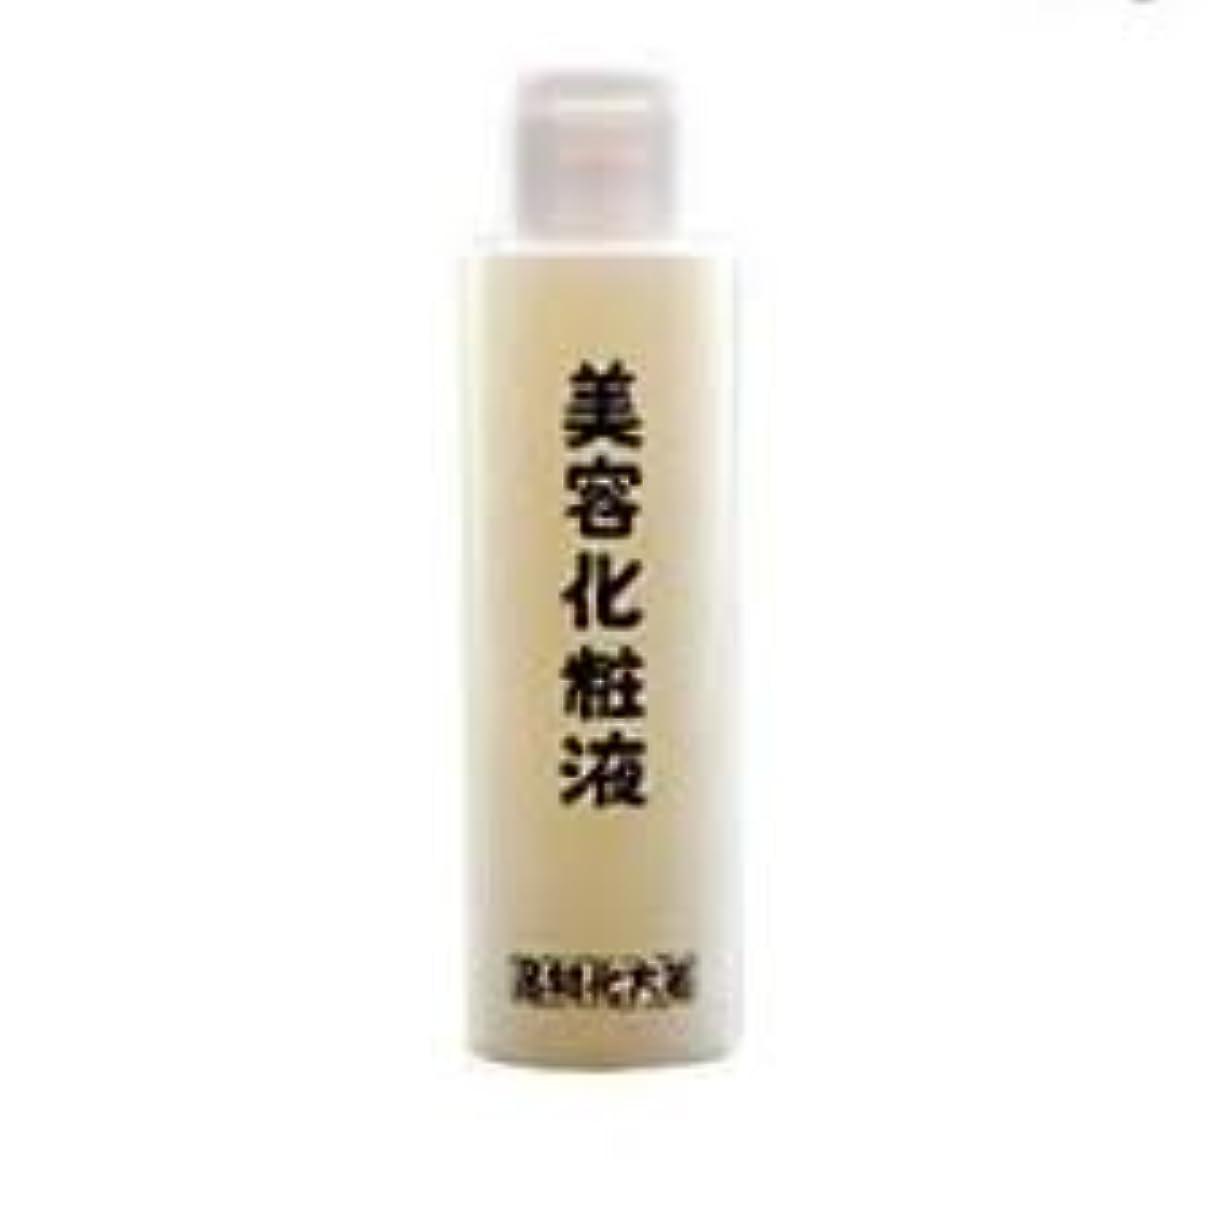 第四ドメイン疎外箸方化粧品 美容化粧液 化粧水 120ml はしかた化粧品